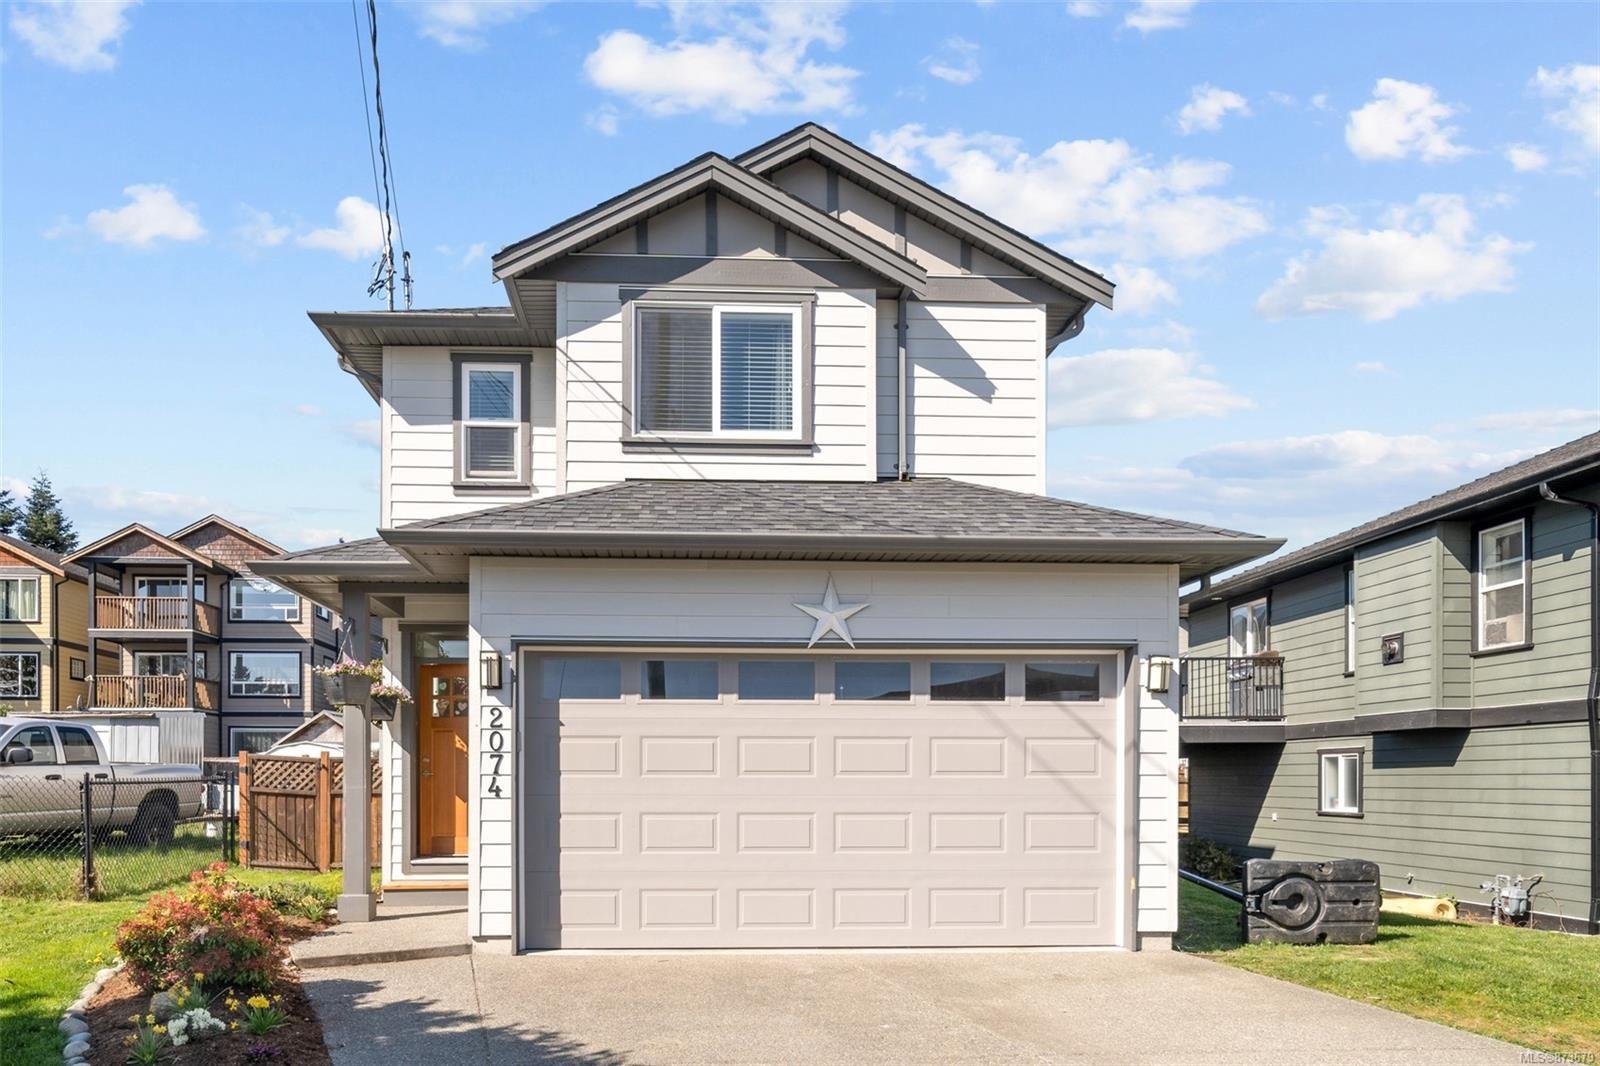 Main Photo: 2074 N Kennedy St in Sooke: Sk Sooke Vill Core House for sale : MLS®# 873679